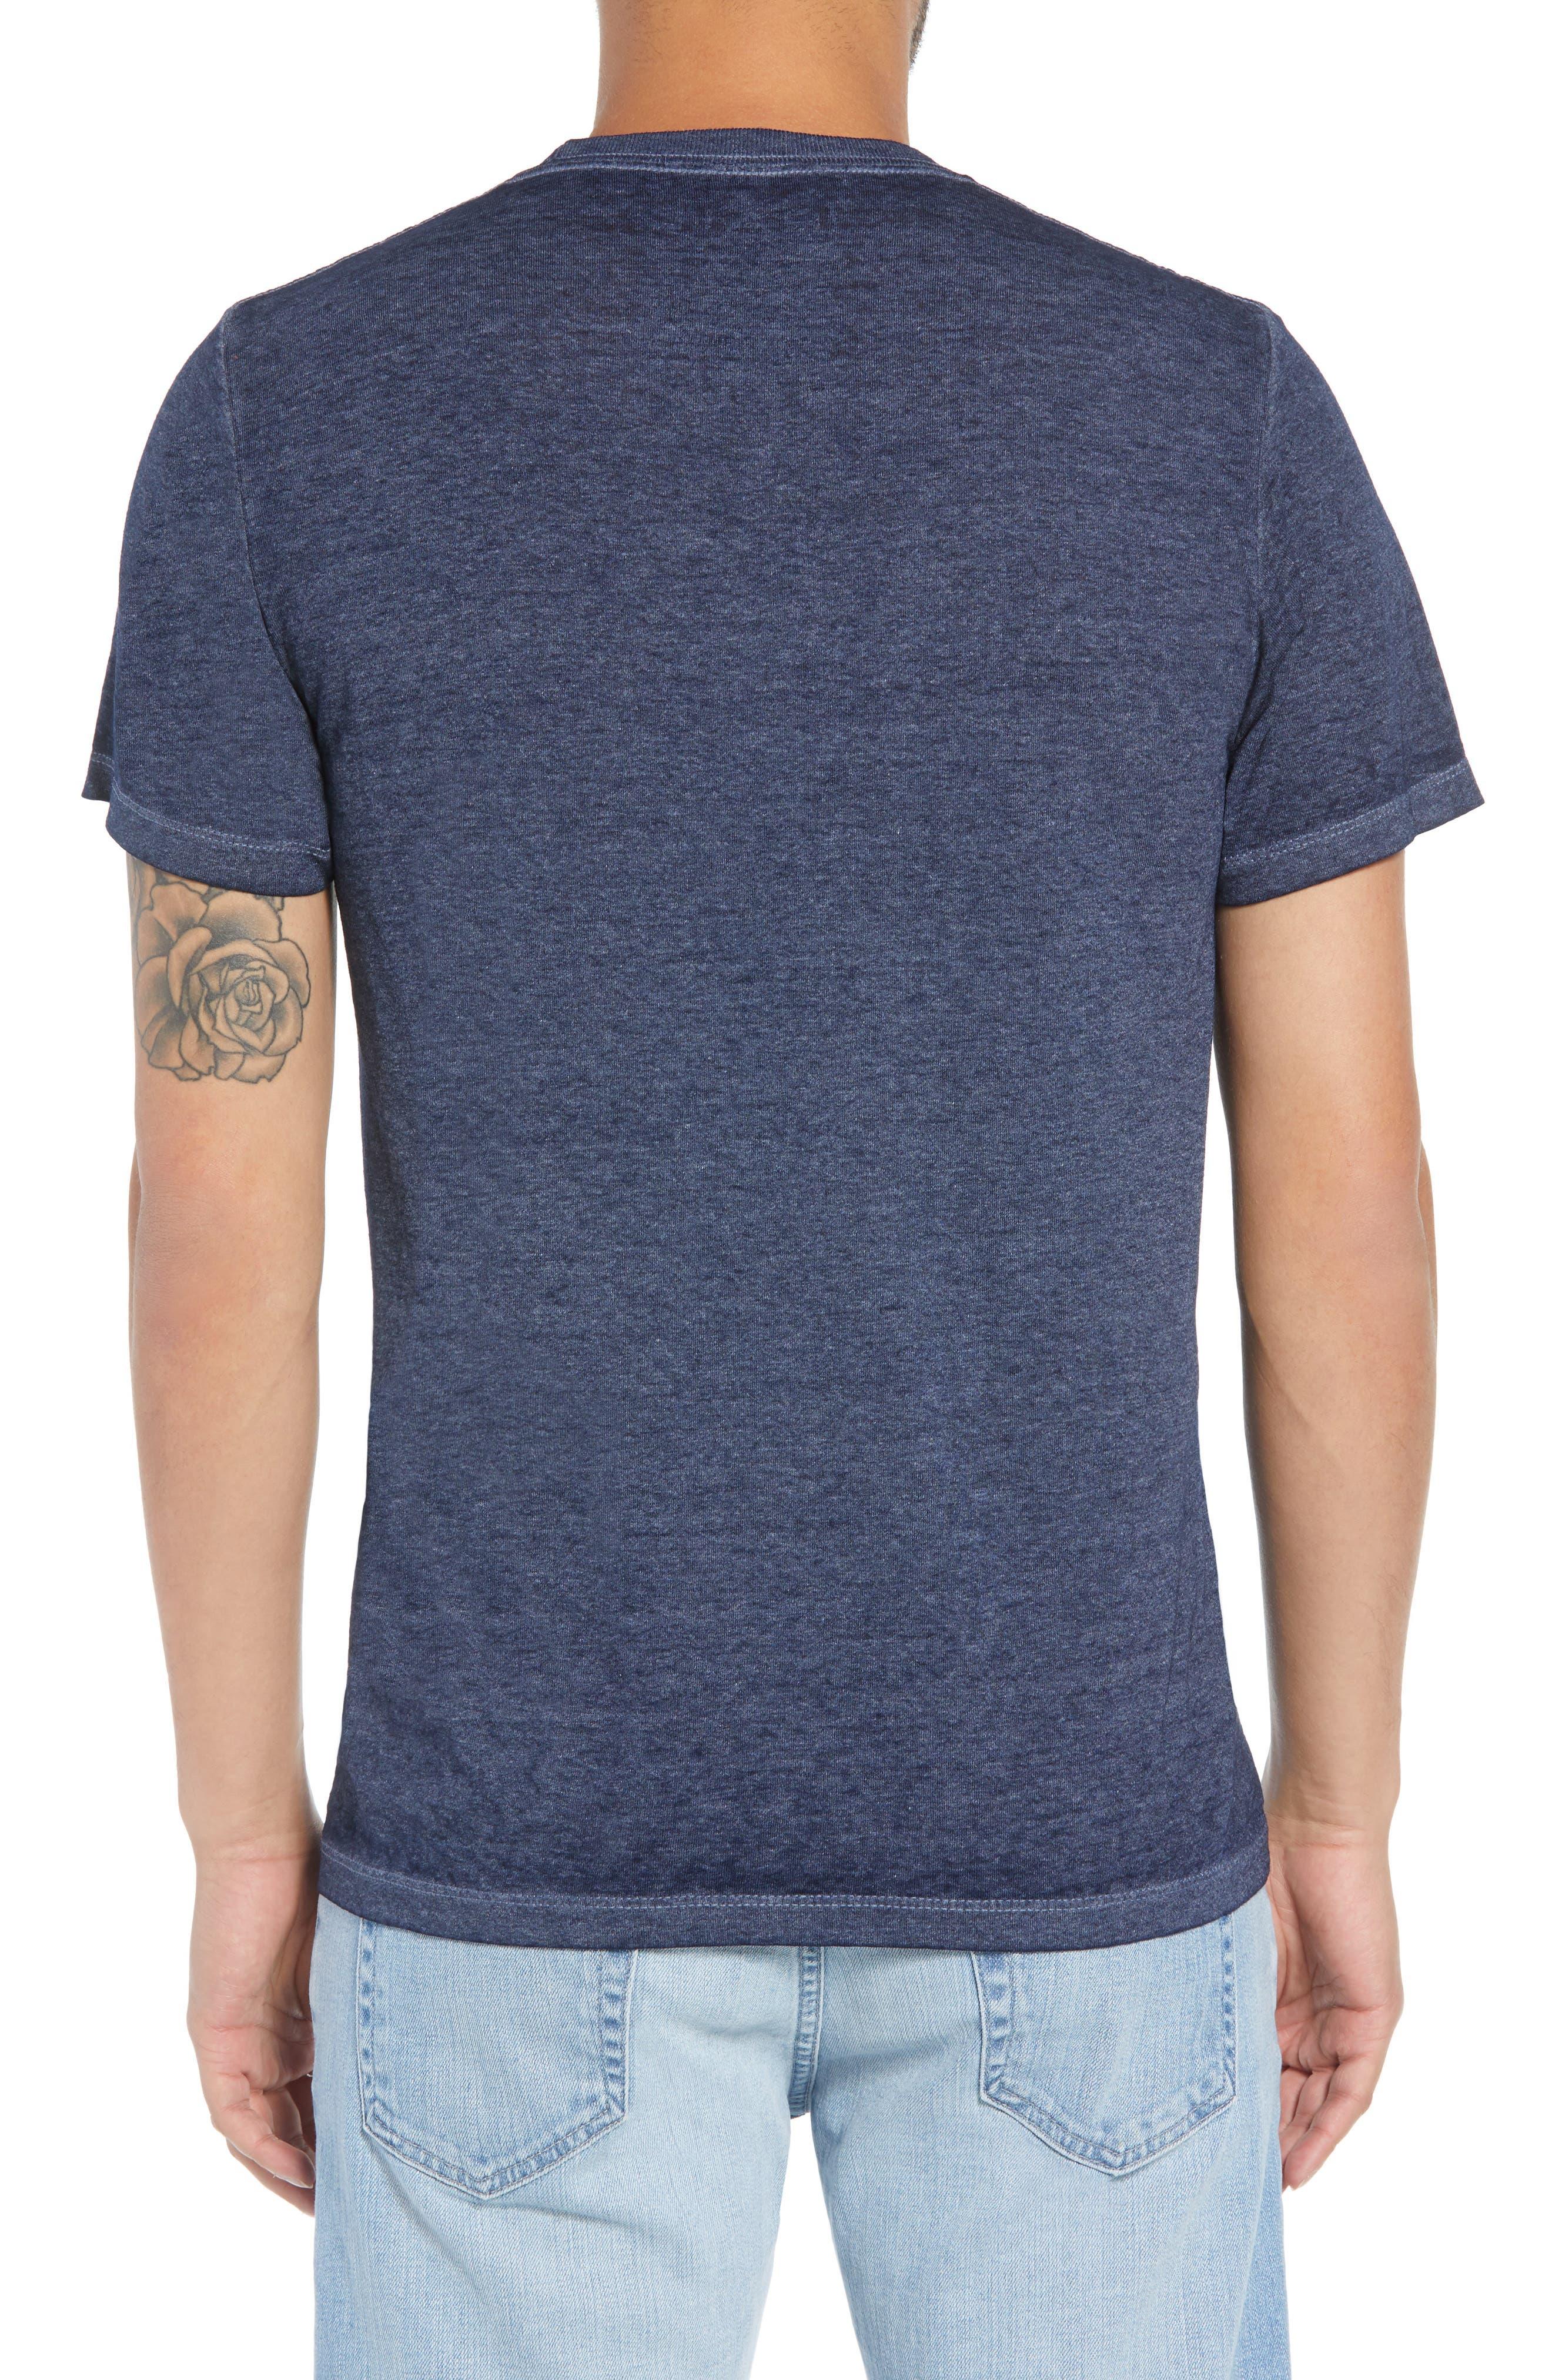 Oregon Trail T-Shirt,                             Alternate thumbnail 2, color,                             001